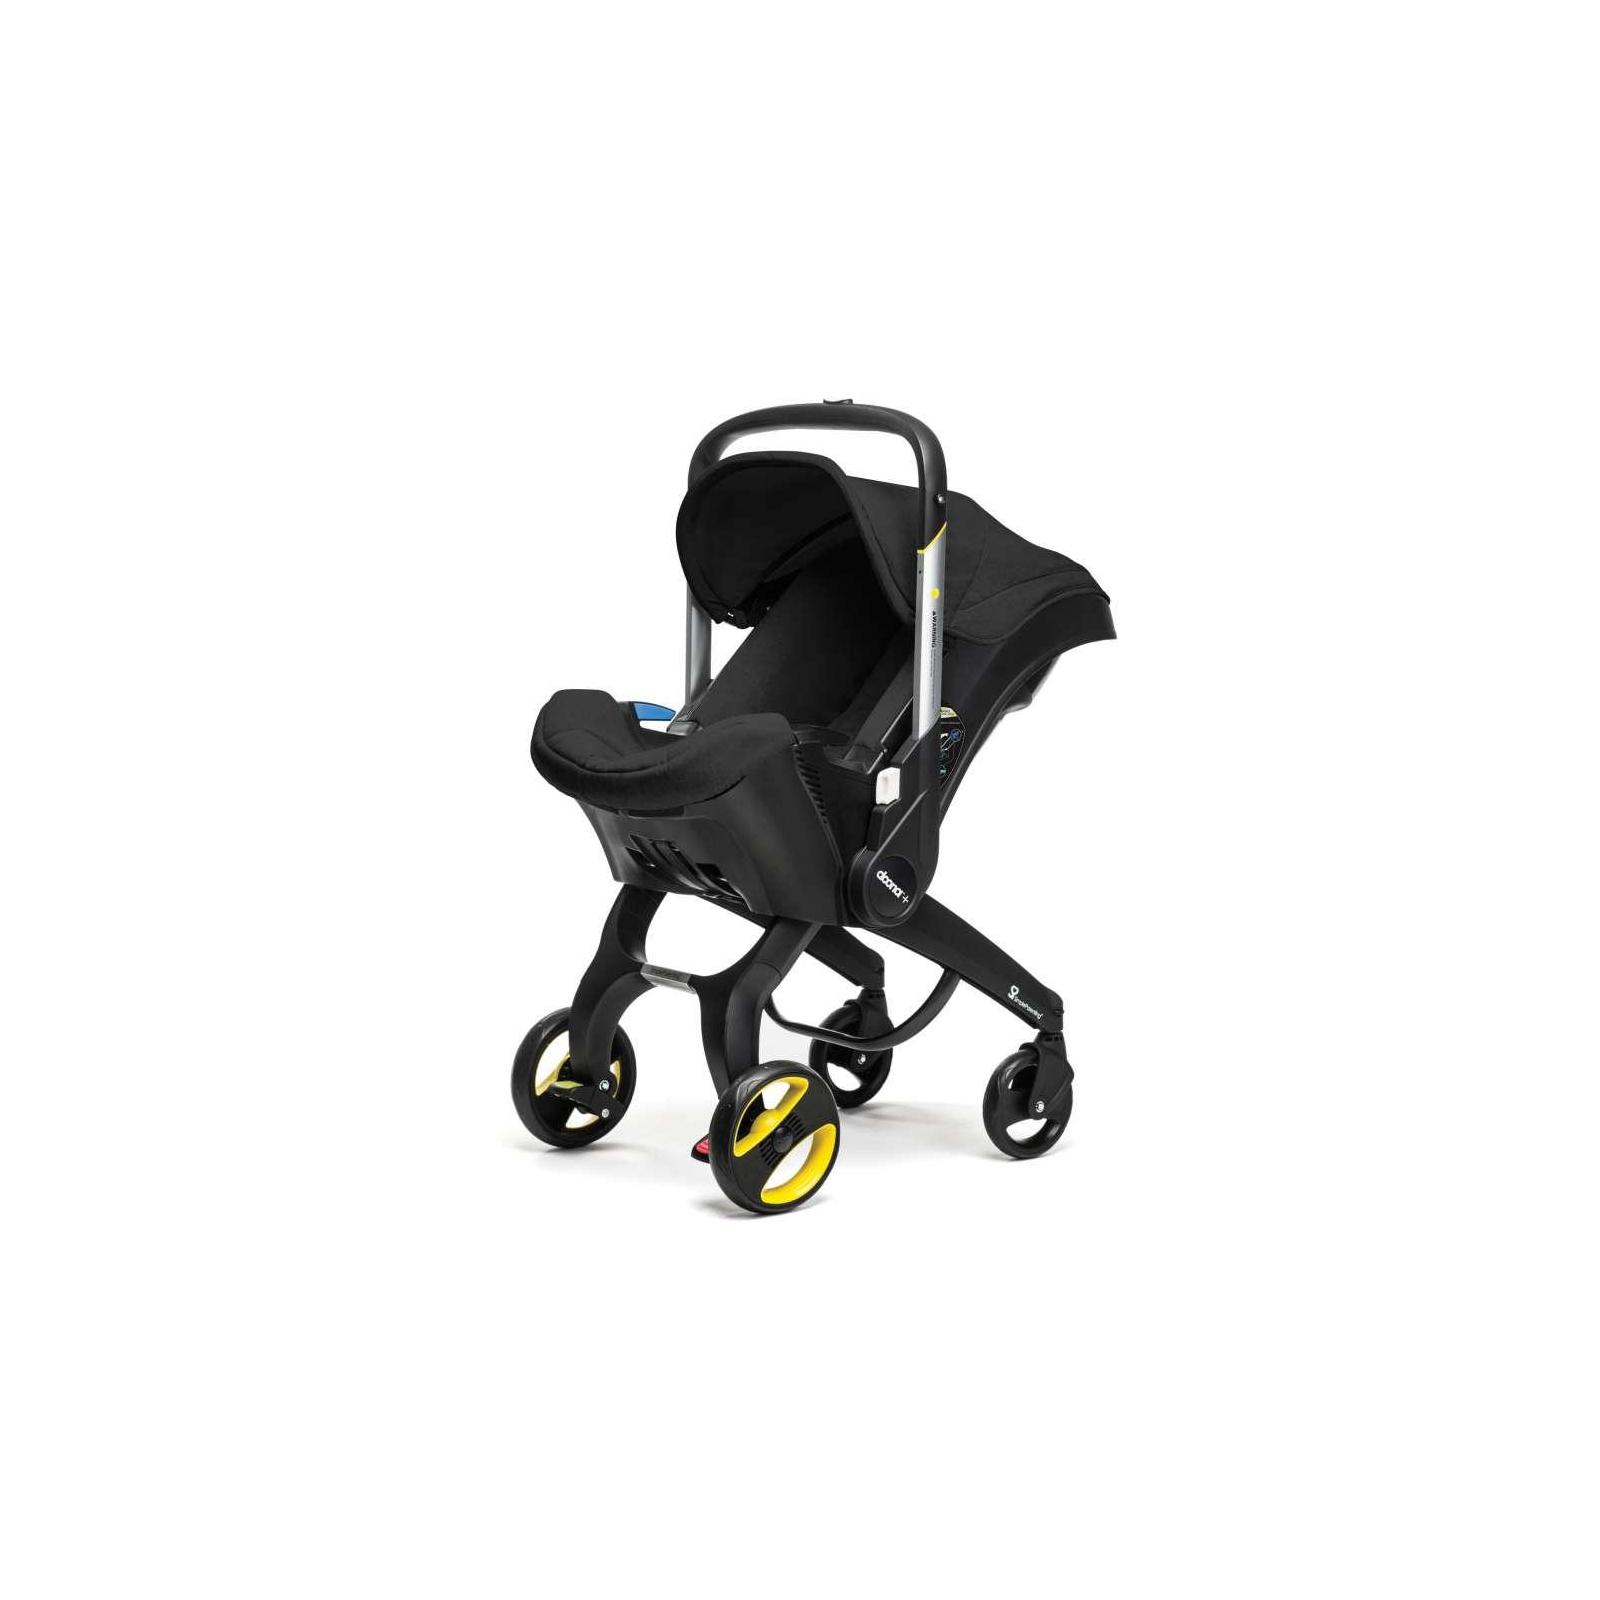 Автокресло Doona Infant Car Seat / Серое (SP150-20-006-015) изображение 4